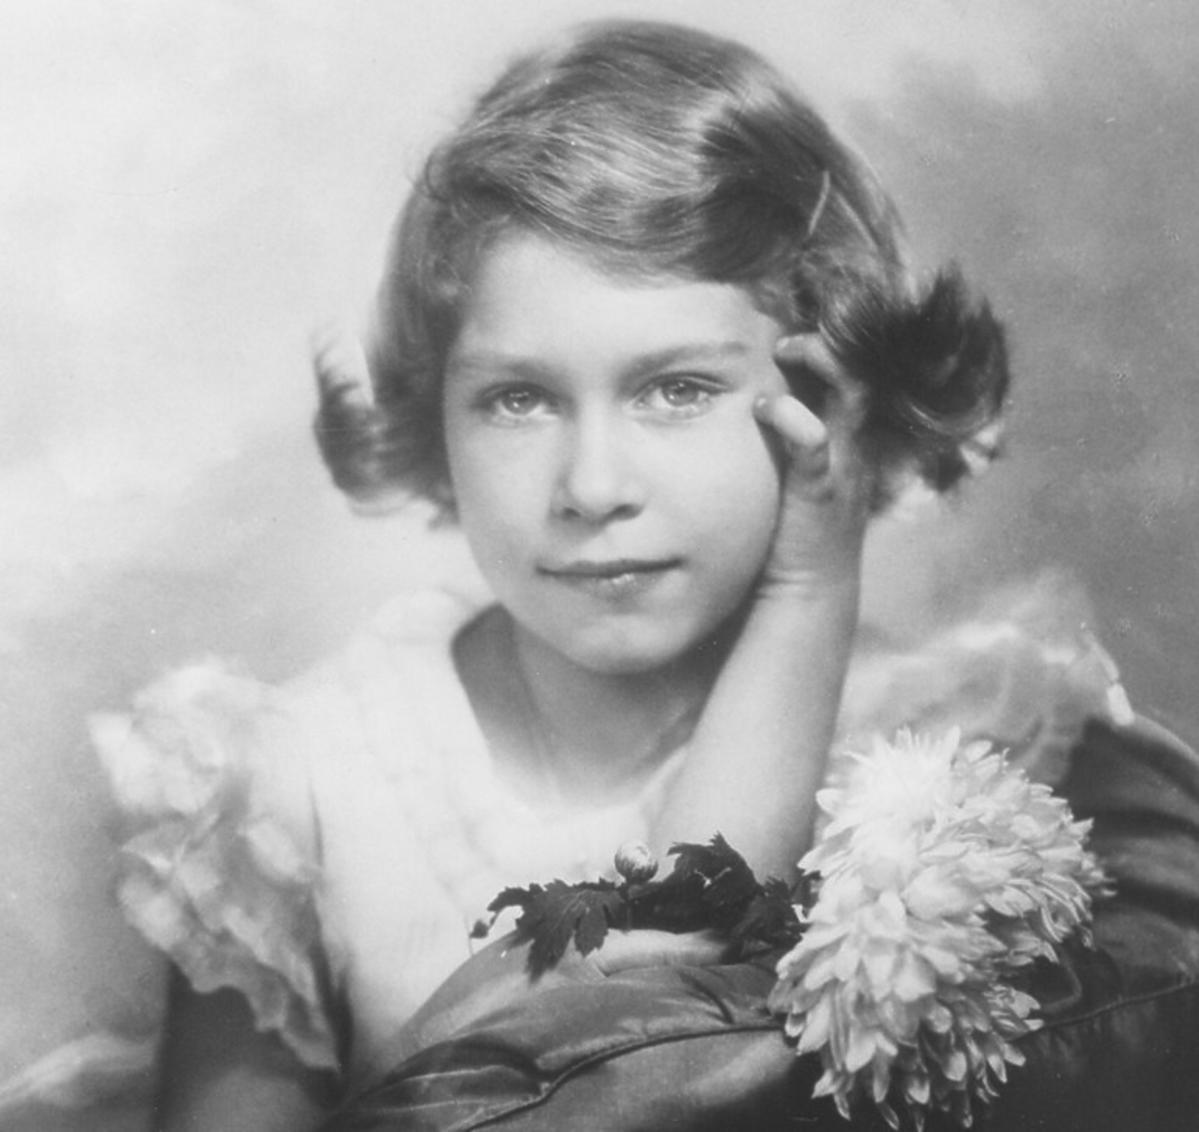 Królowa Elżbieta II w dzieciństwie